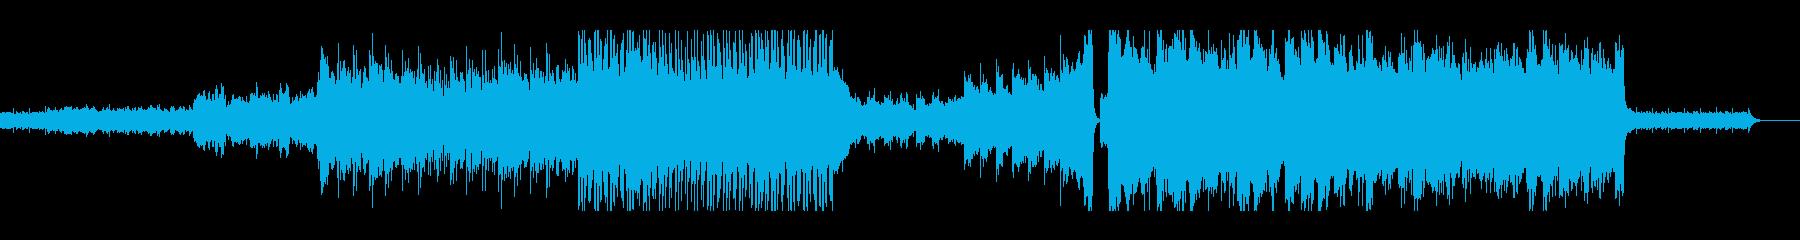 【サントラ系】和、シリアスなオーケストラの再生済みの波形